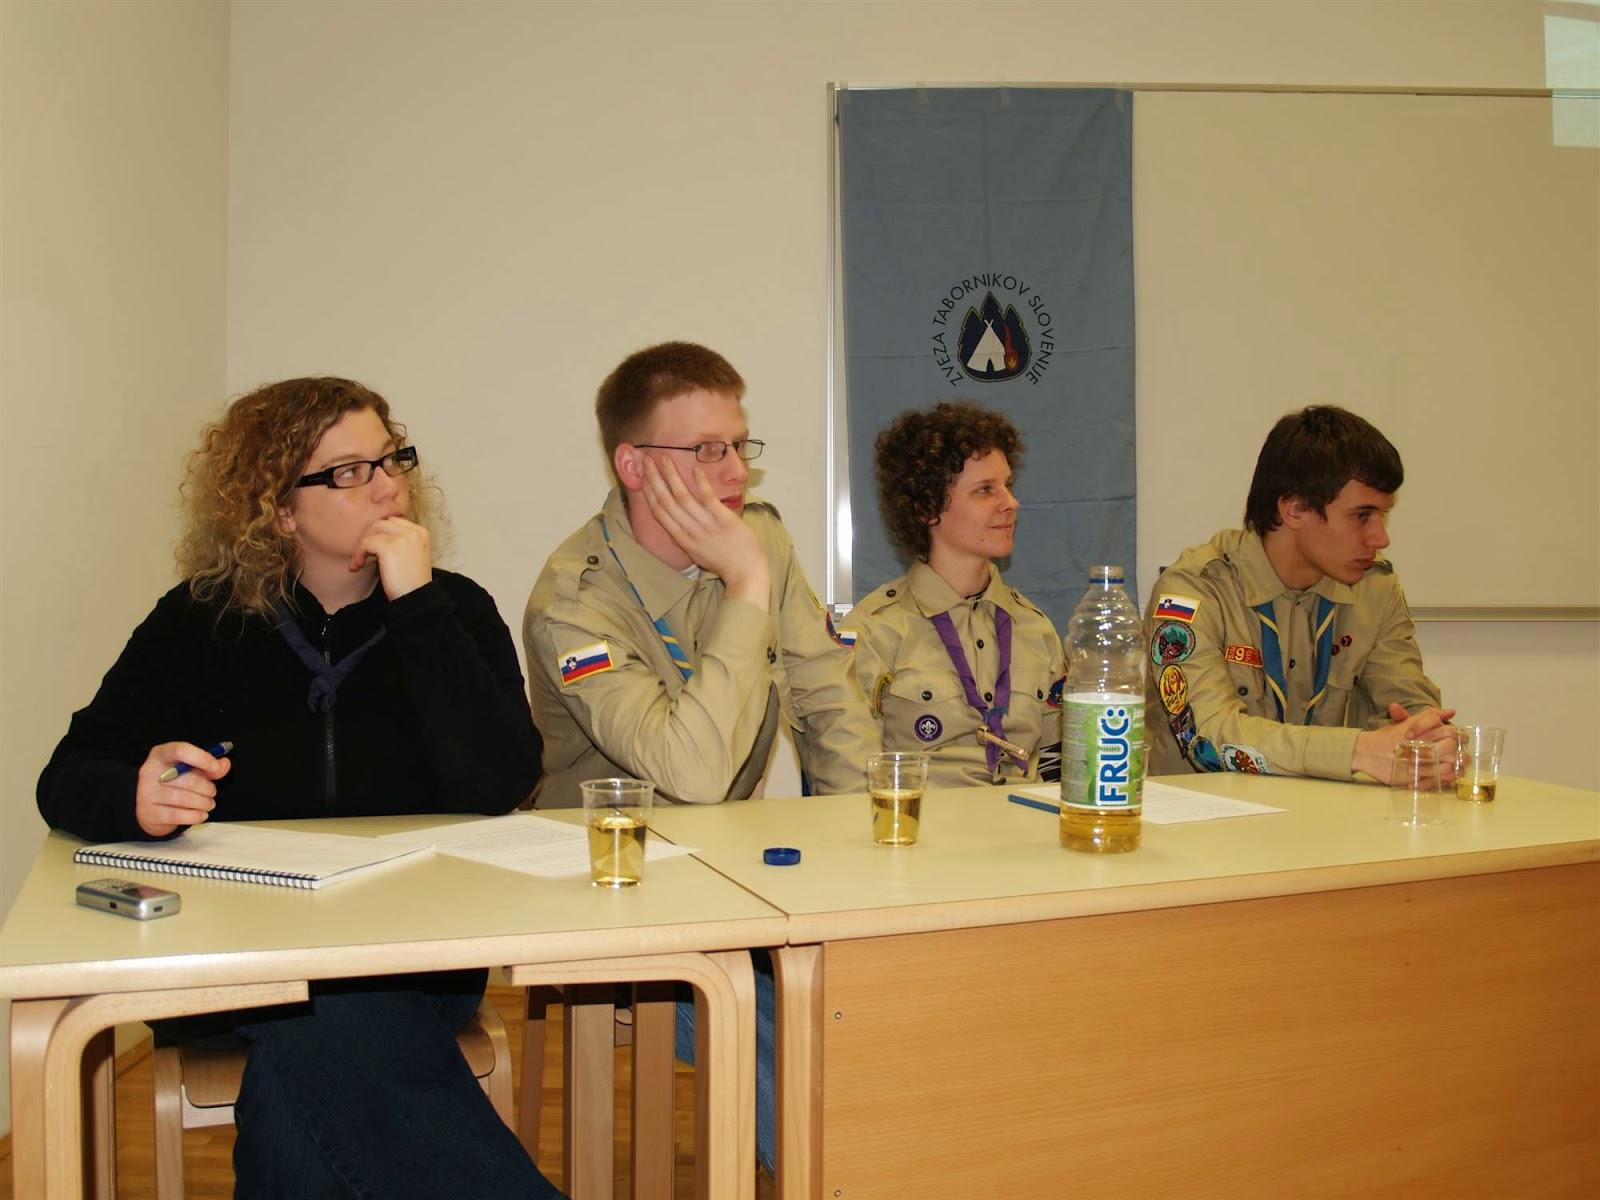 Občni zbor, Ilirska Bistrica 2007 - P0025543.JPG